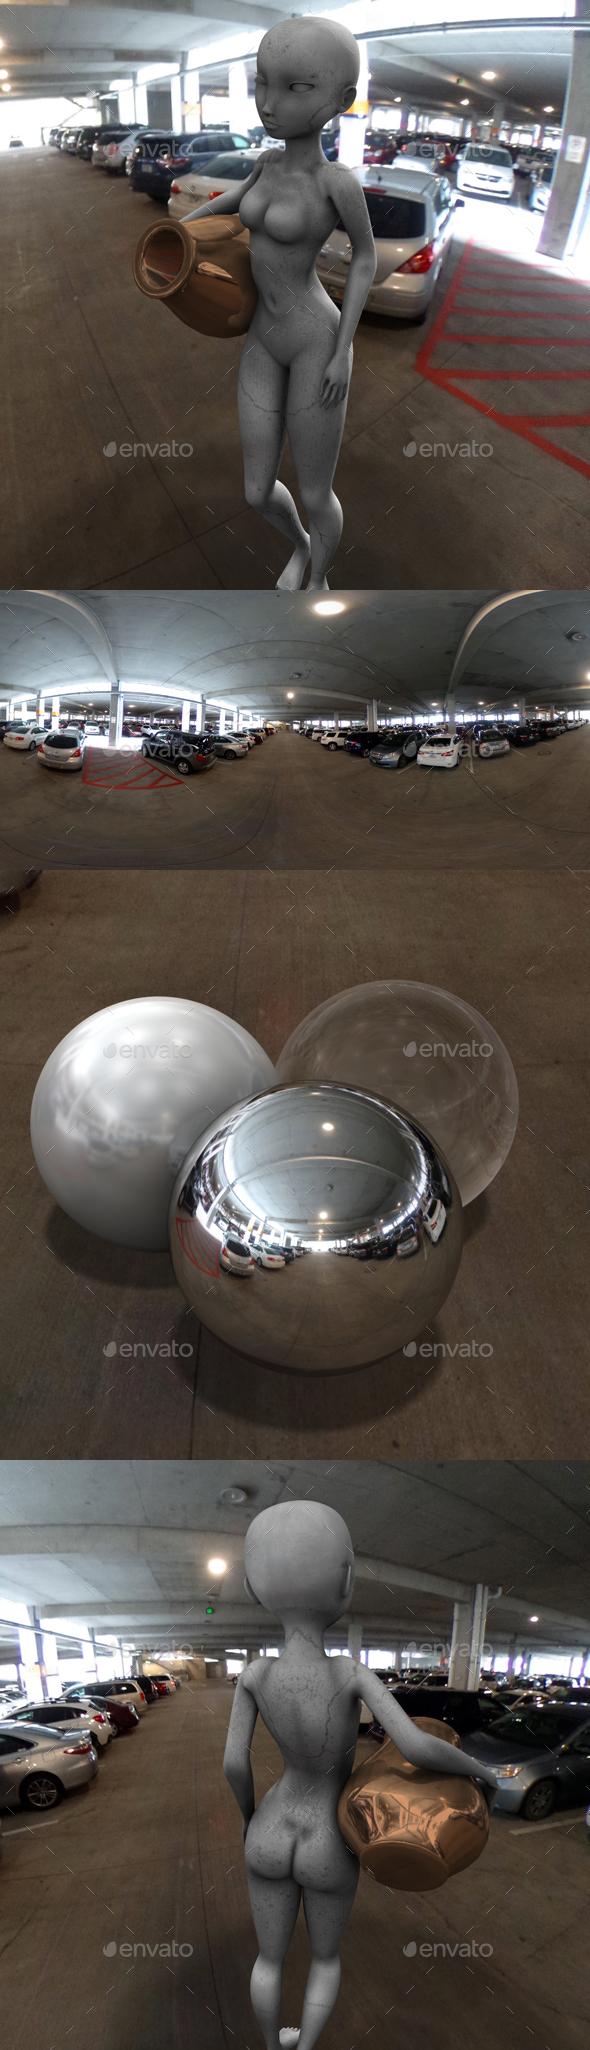 Indoor Car Park HDRI - 3DOcean Item for Sale